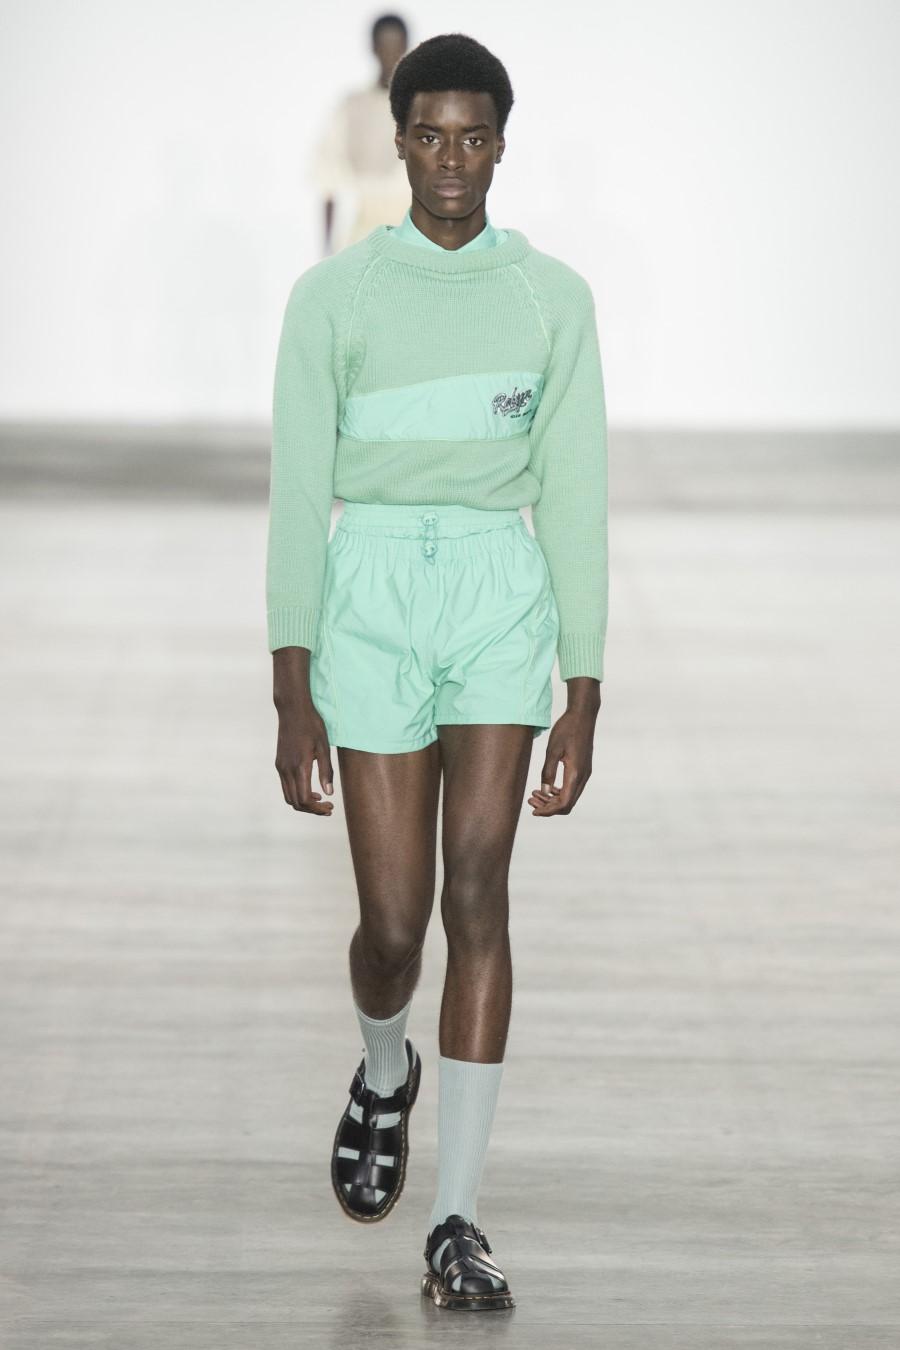 Fashion East - Robyn Lynch - Printemps-Été 2020 - London Fashion Week Men's